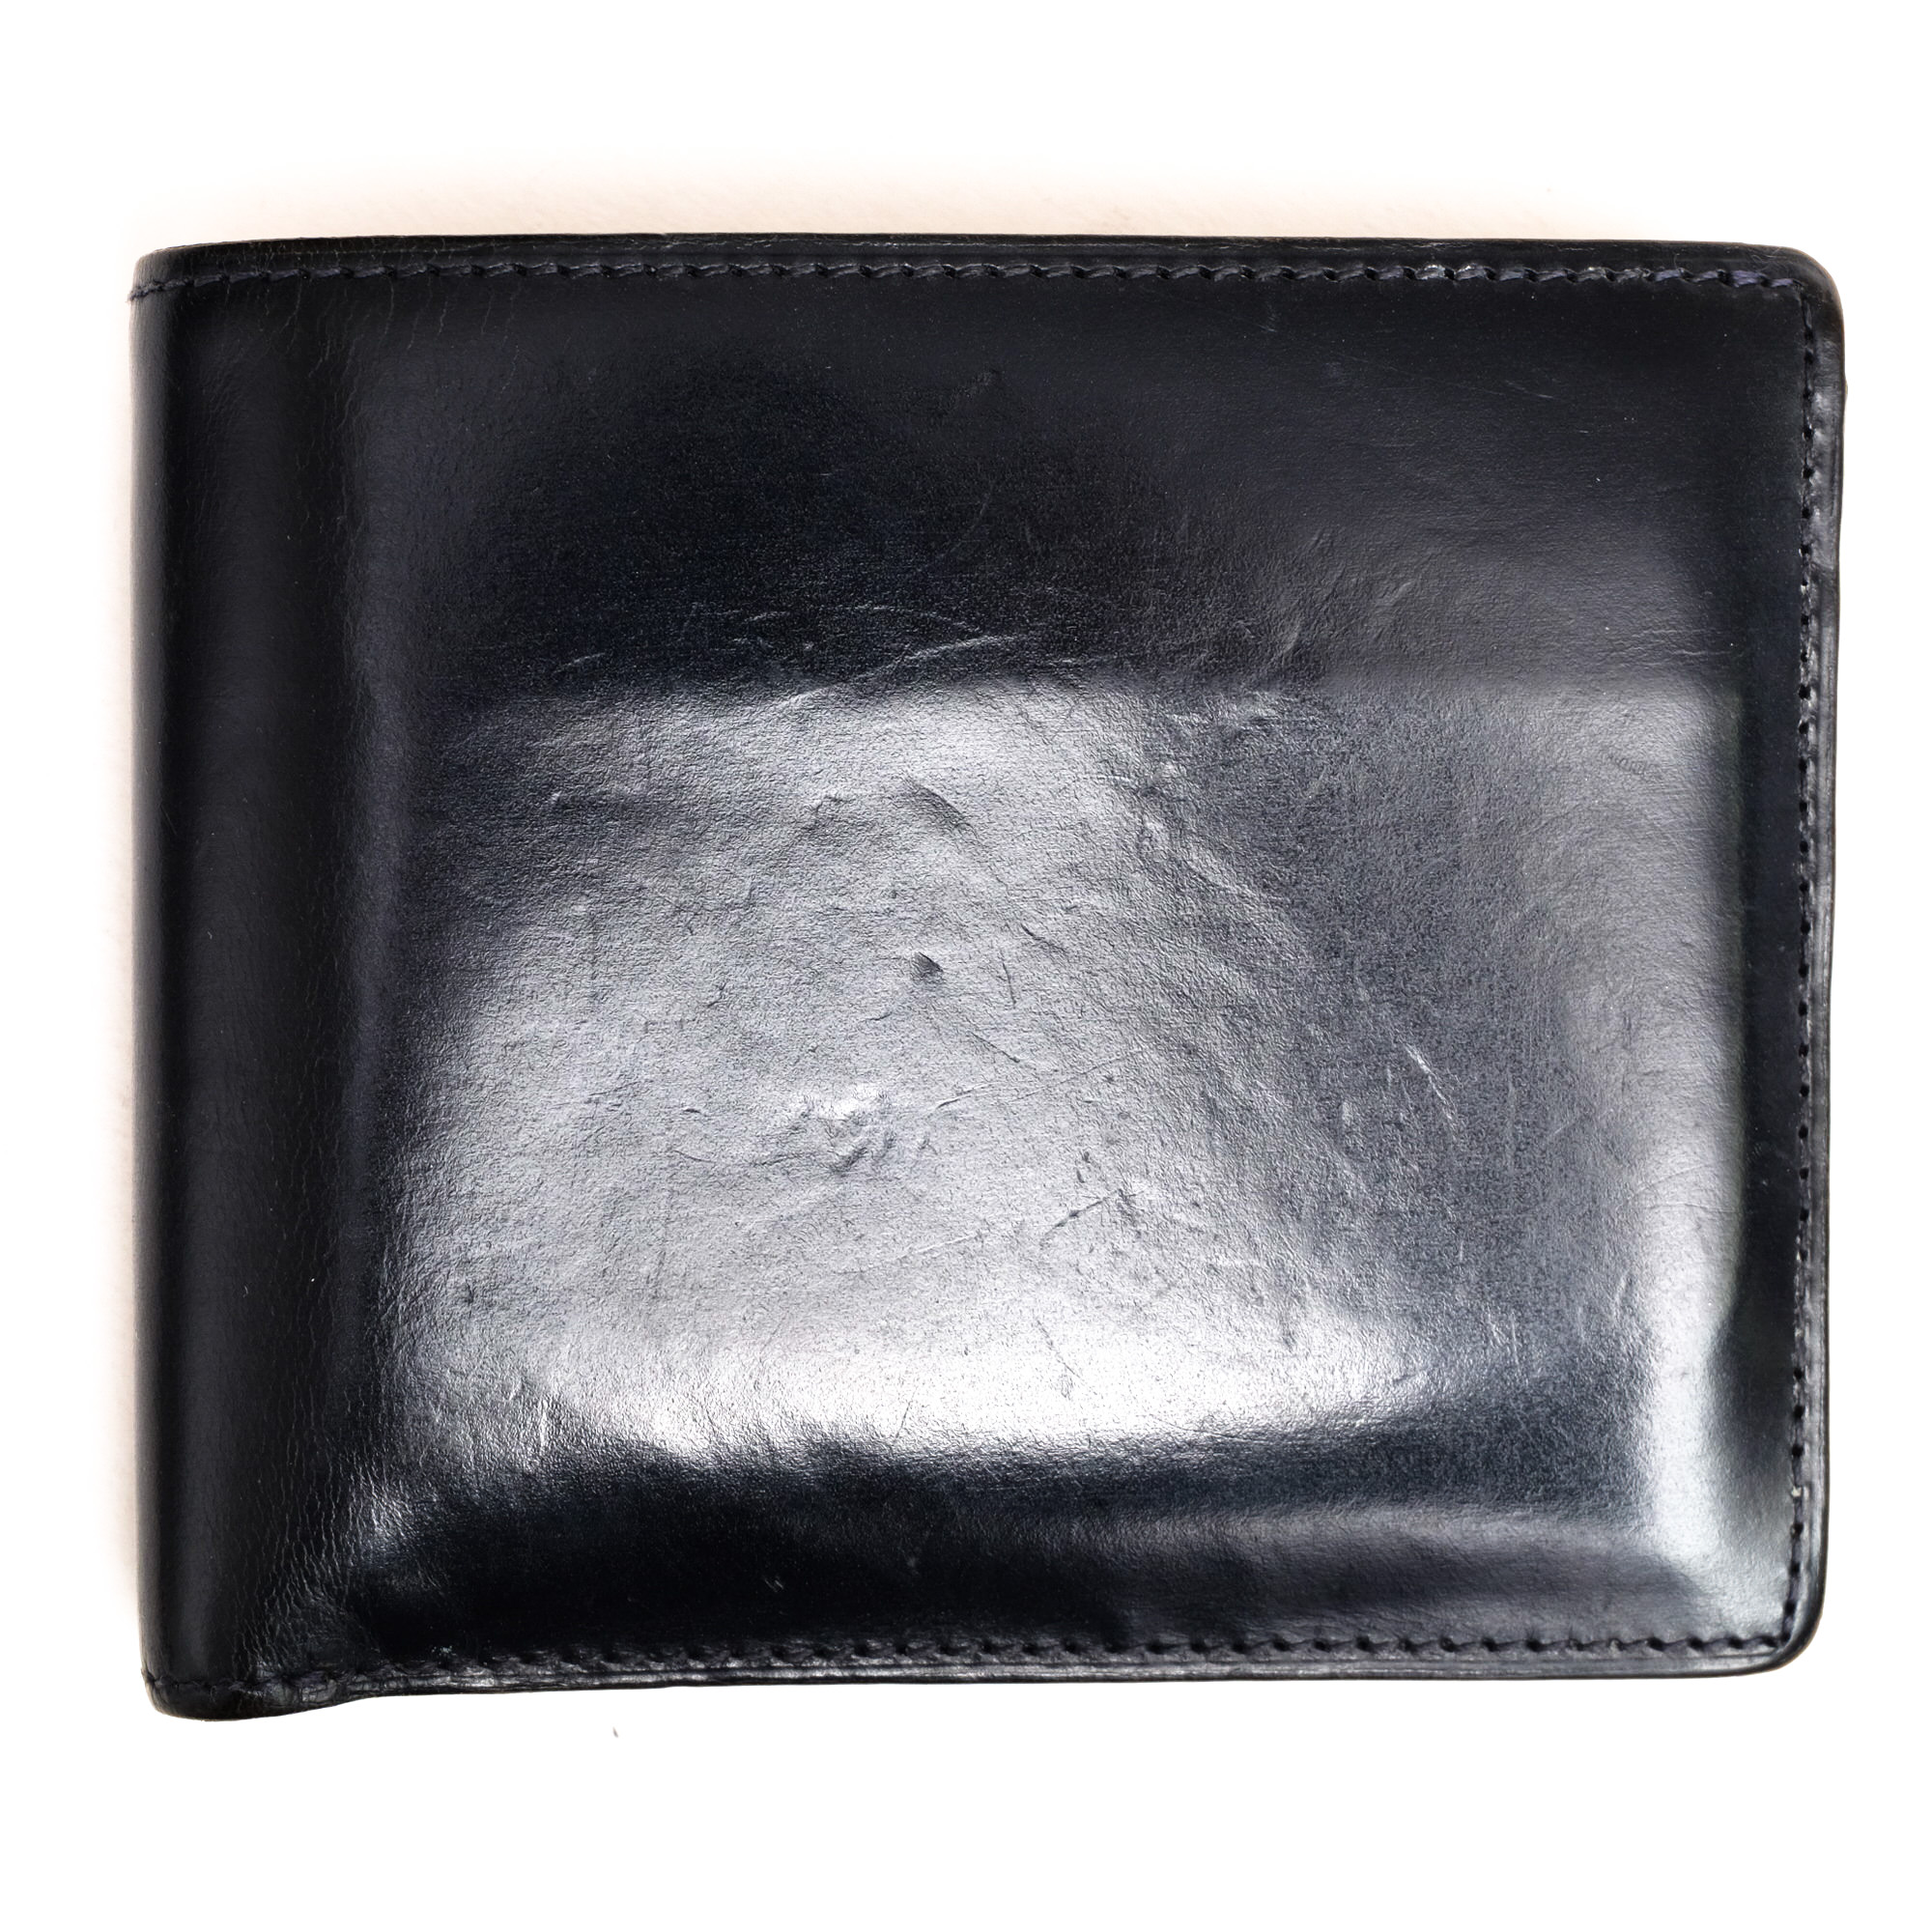 ec5a4af3c251 ココマイスター / COCOMEISTER 財布 メンズ ネイビー 紺 ジョージブライドル バイアリーパース 二つ折り  英国セジュウィック社ブライドルレザー - ブランディング